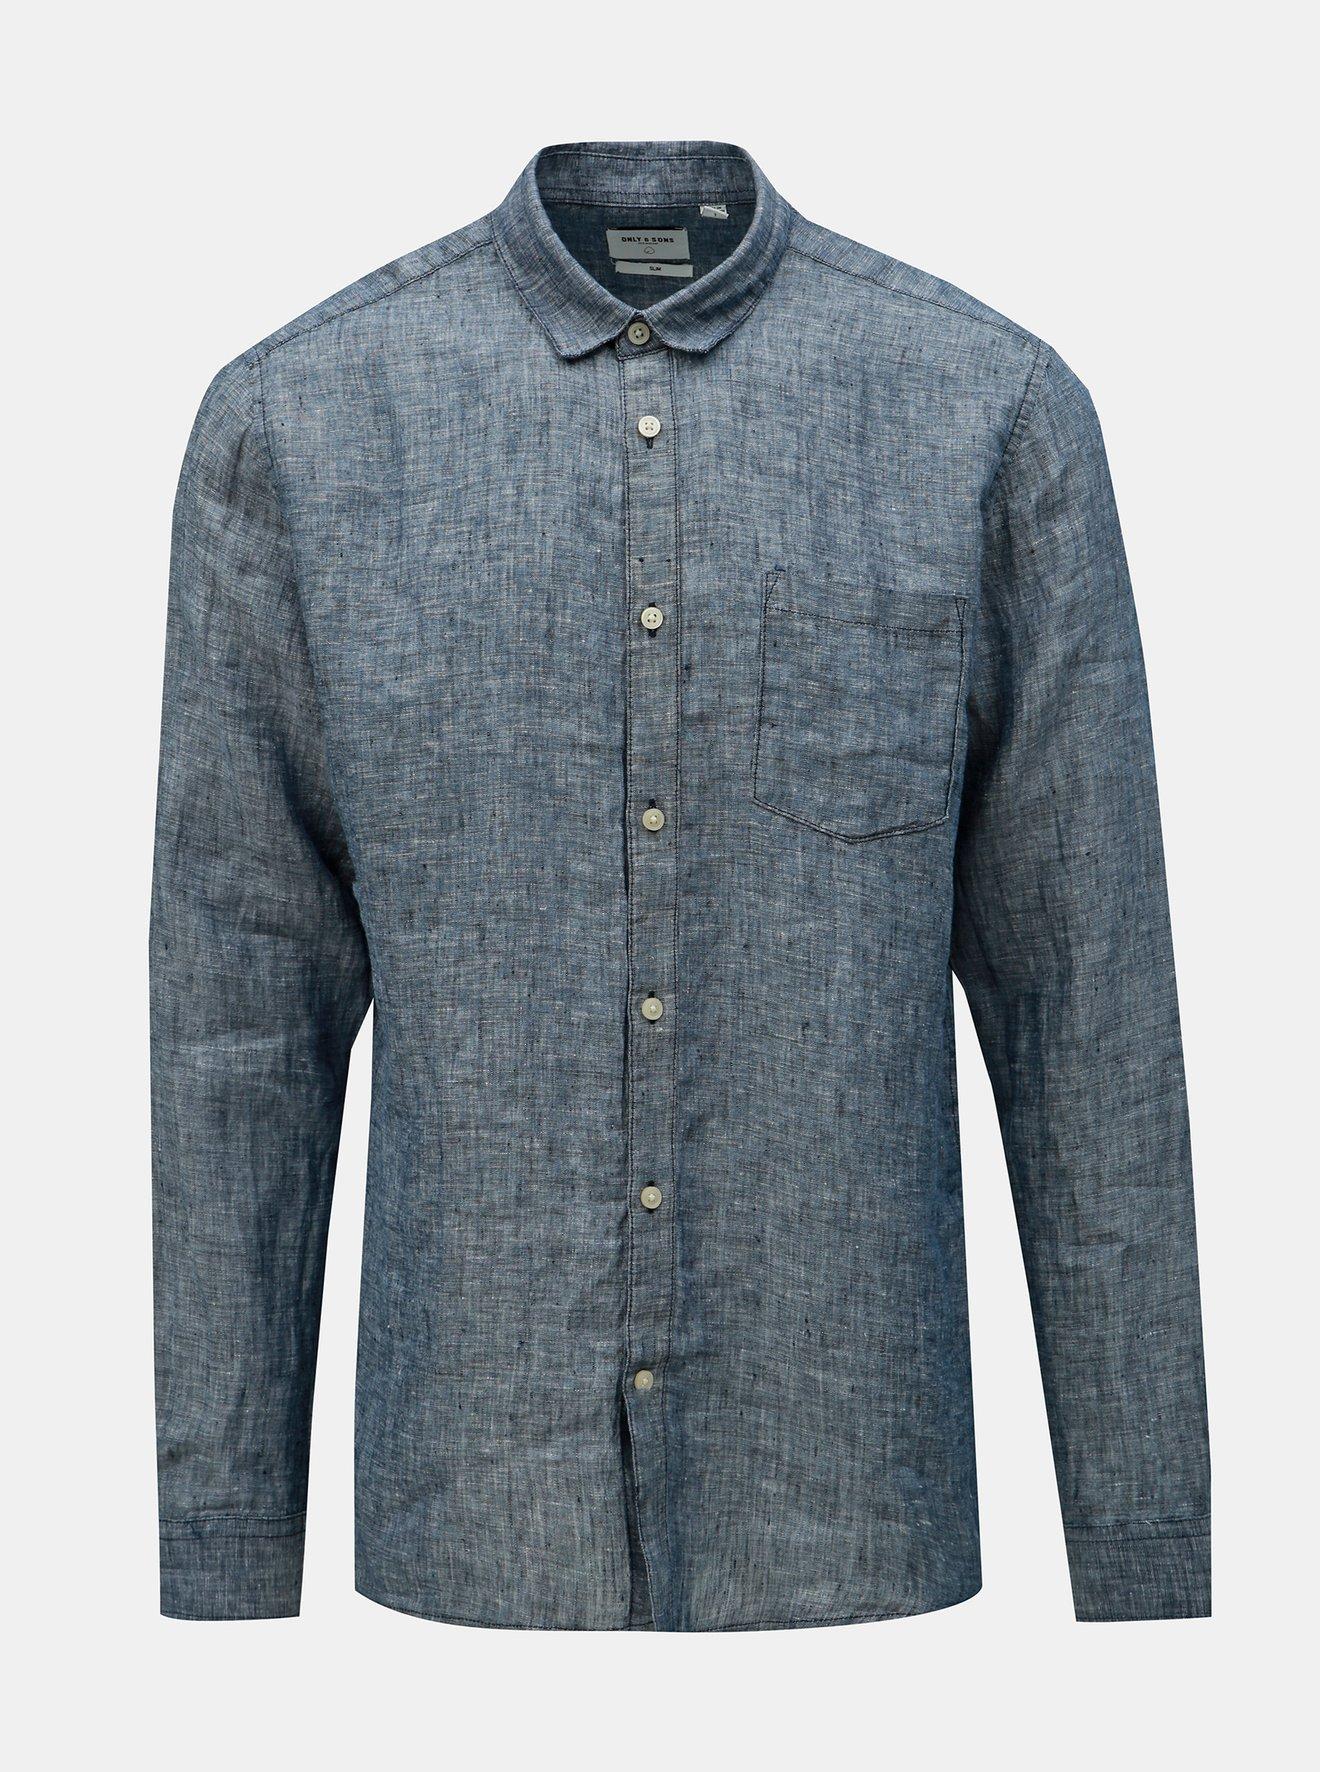 Modrá lněná žíhaná slim fit košile ONLY & SONS Luke